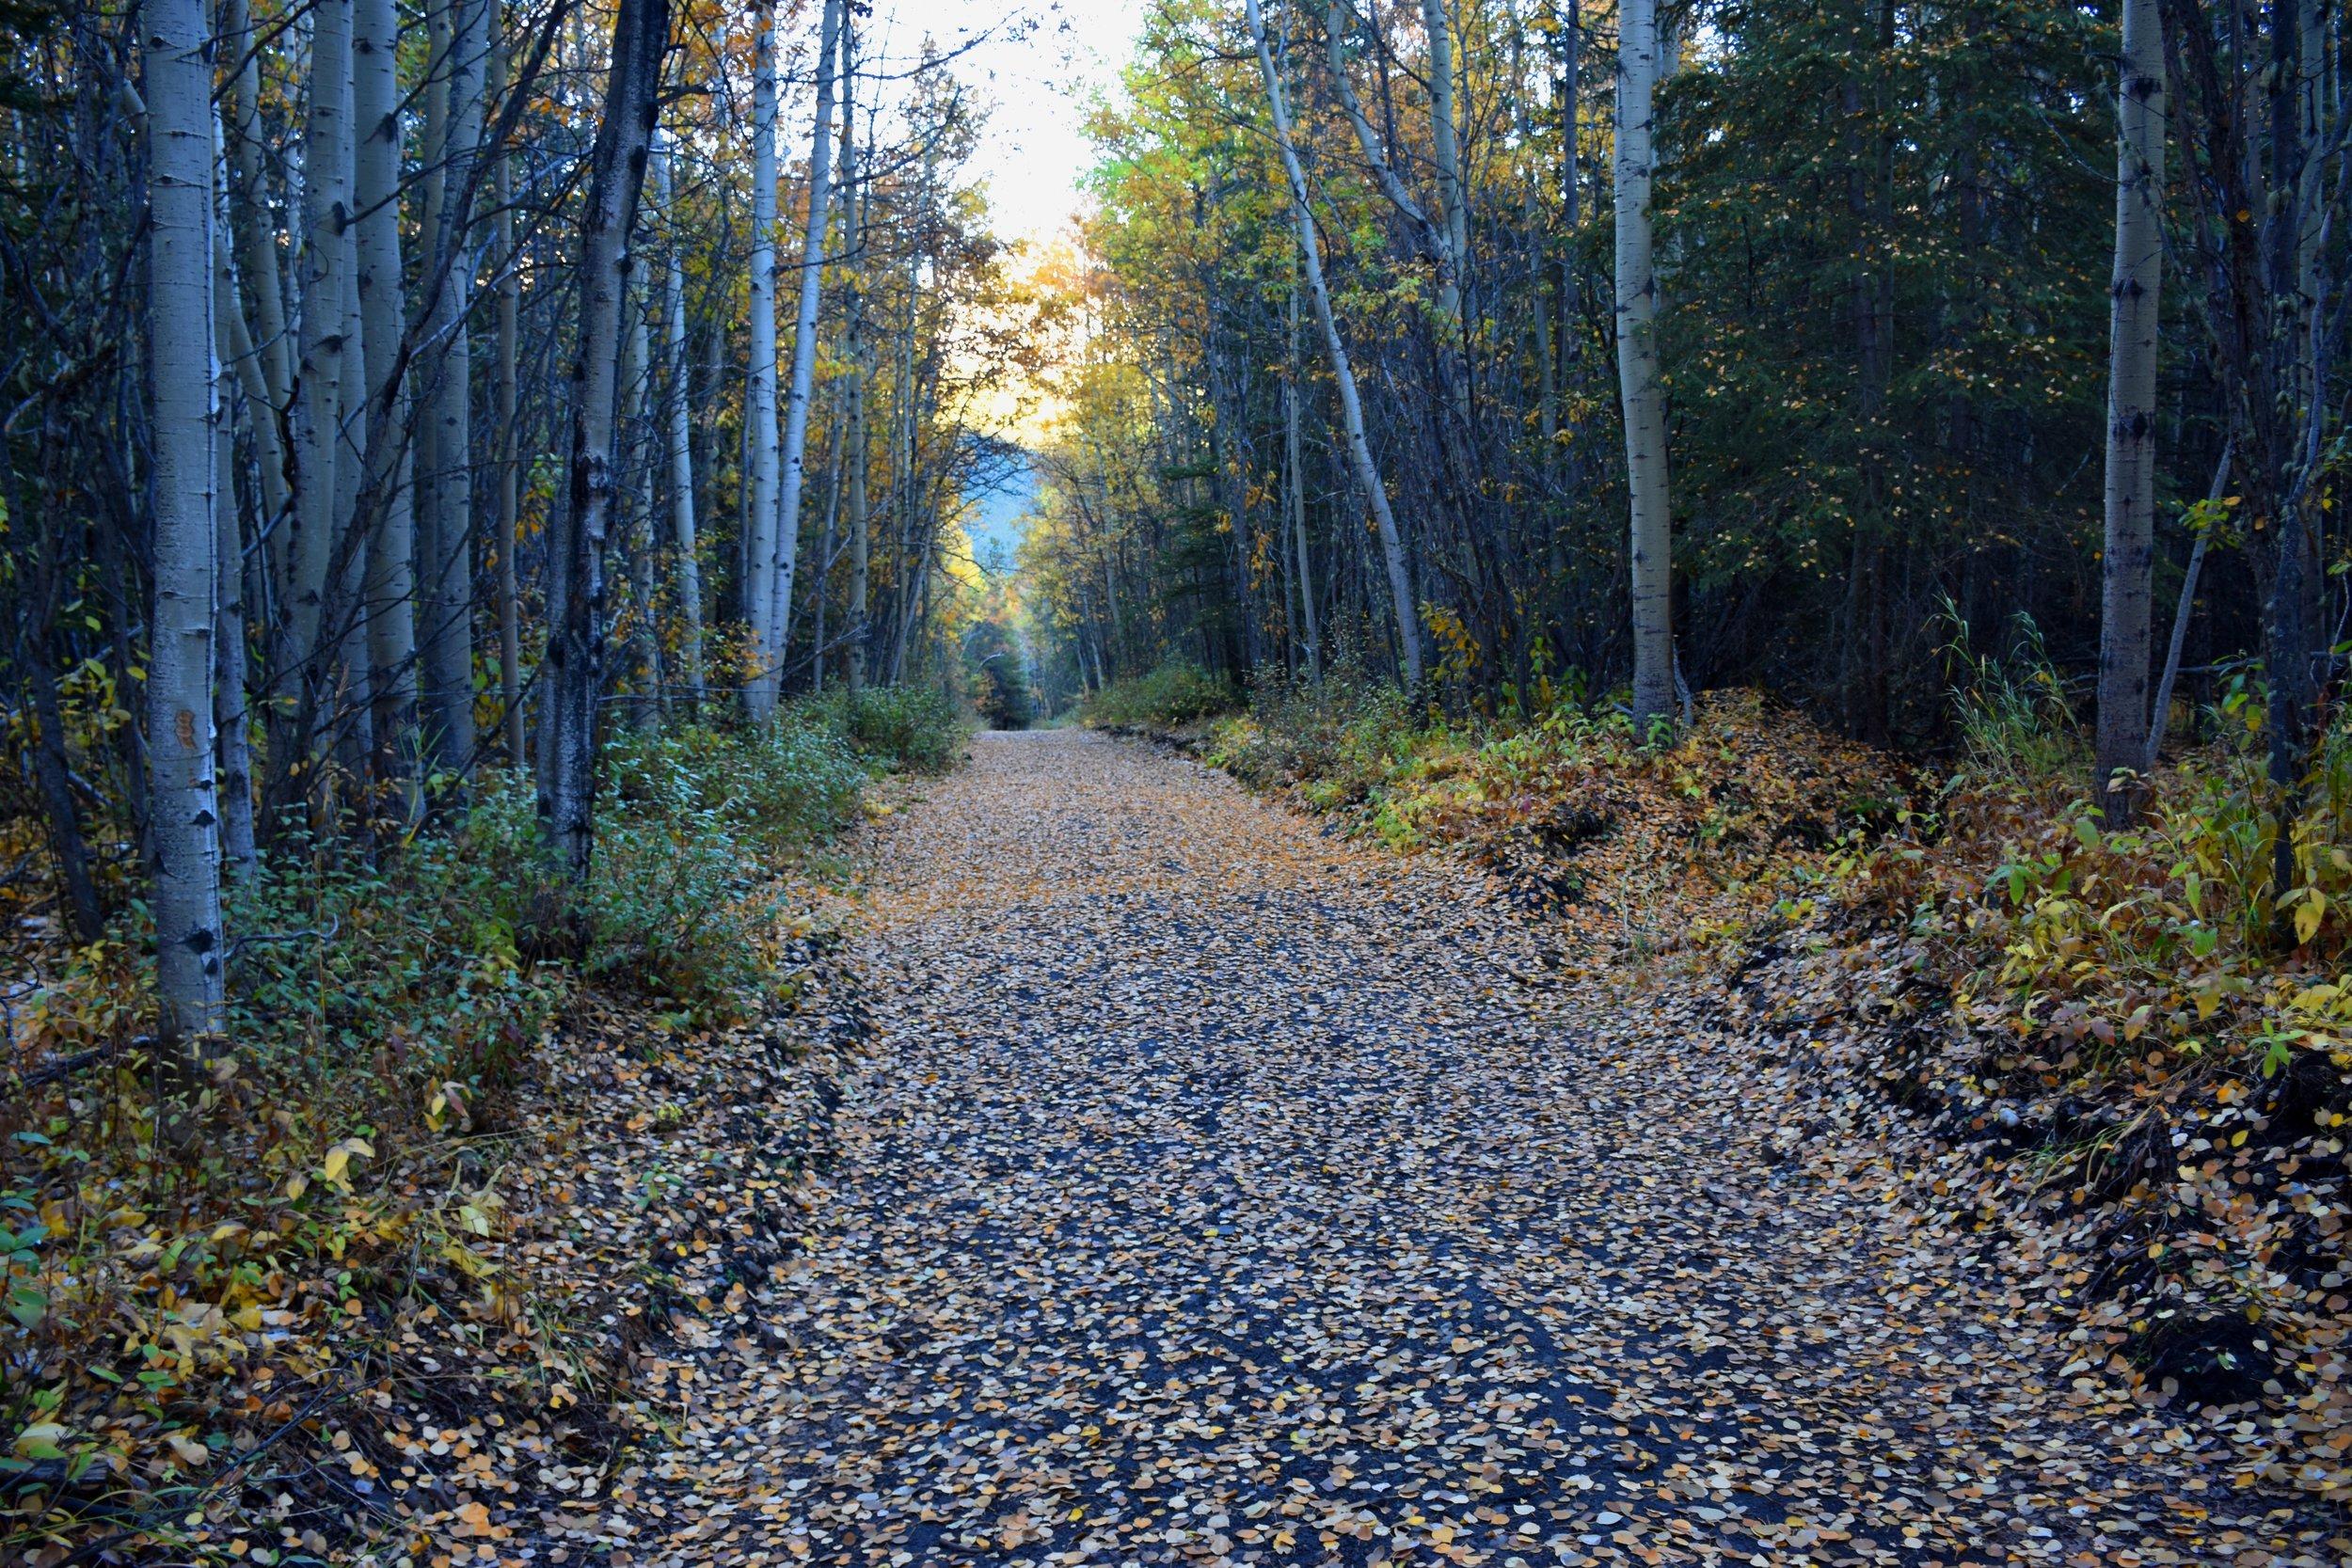 aspen leaf road back at the bottom